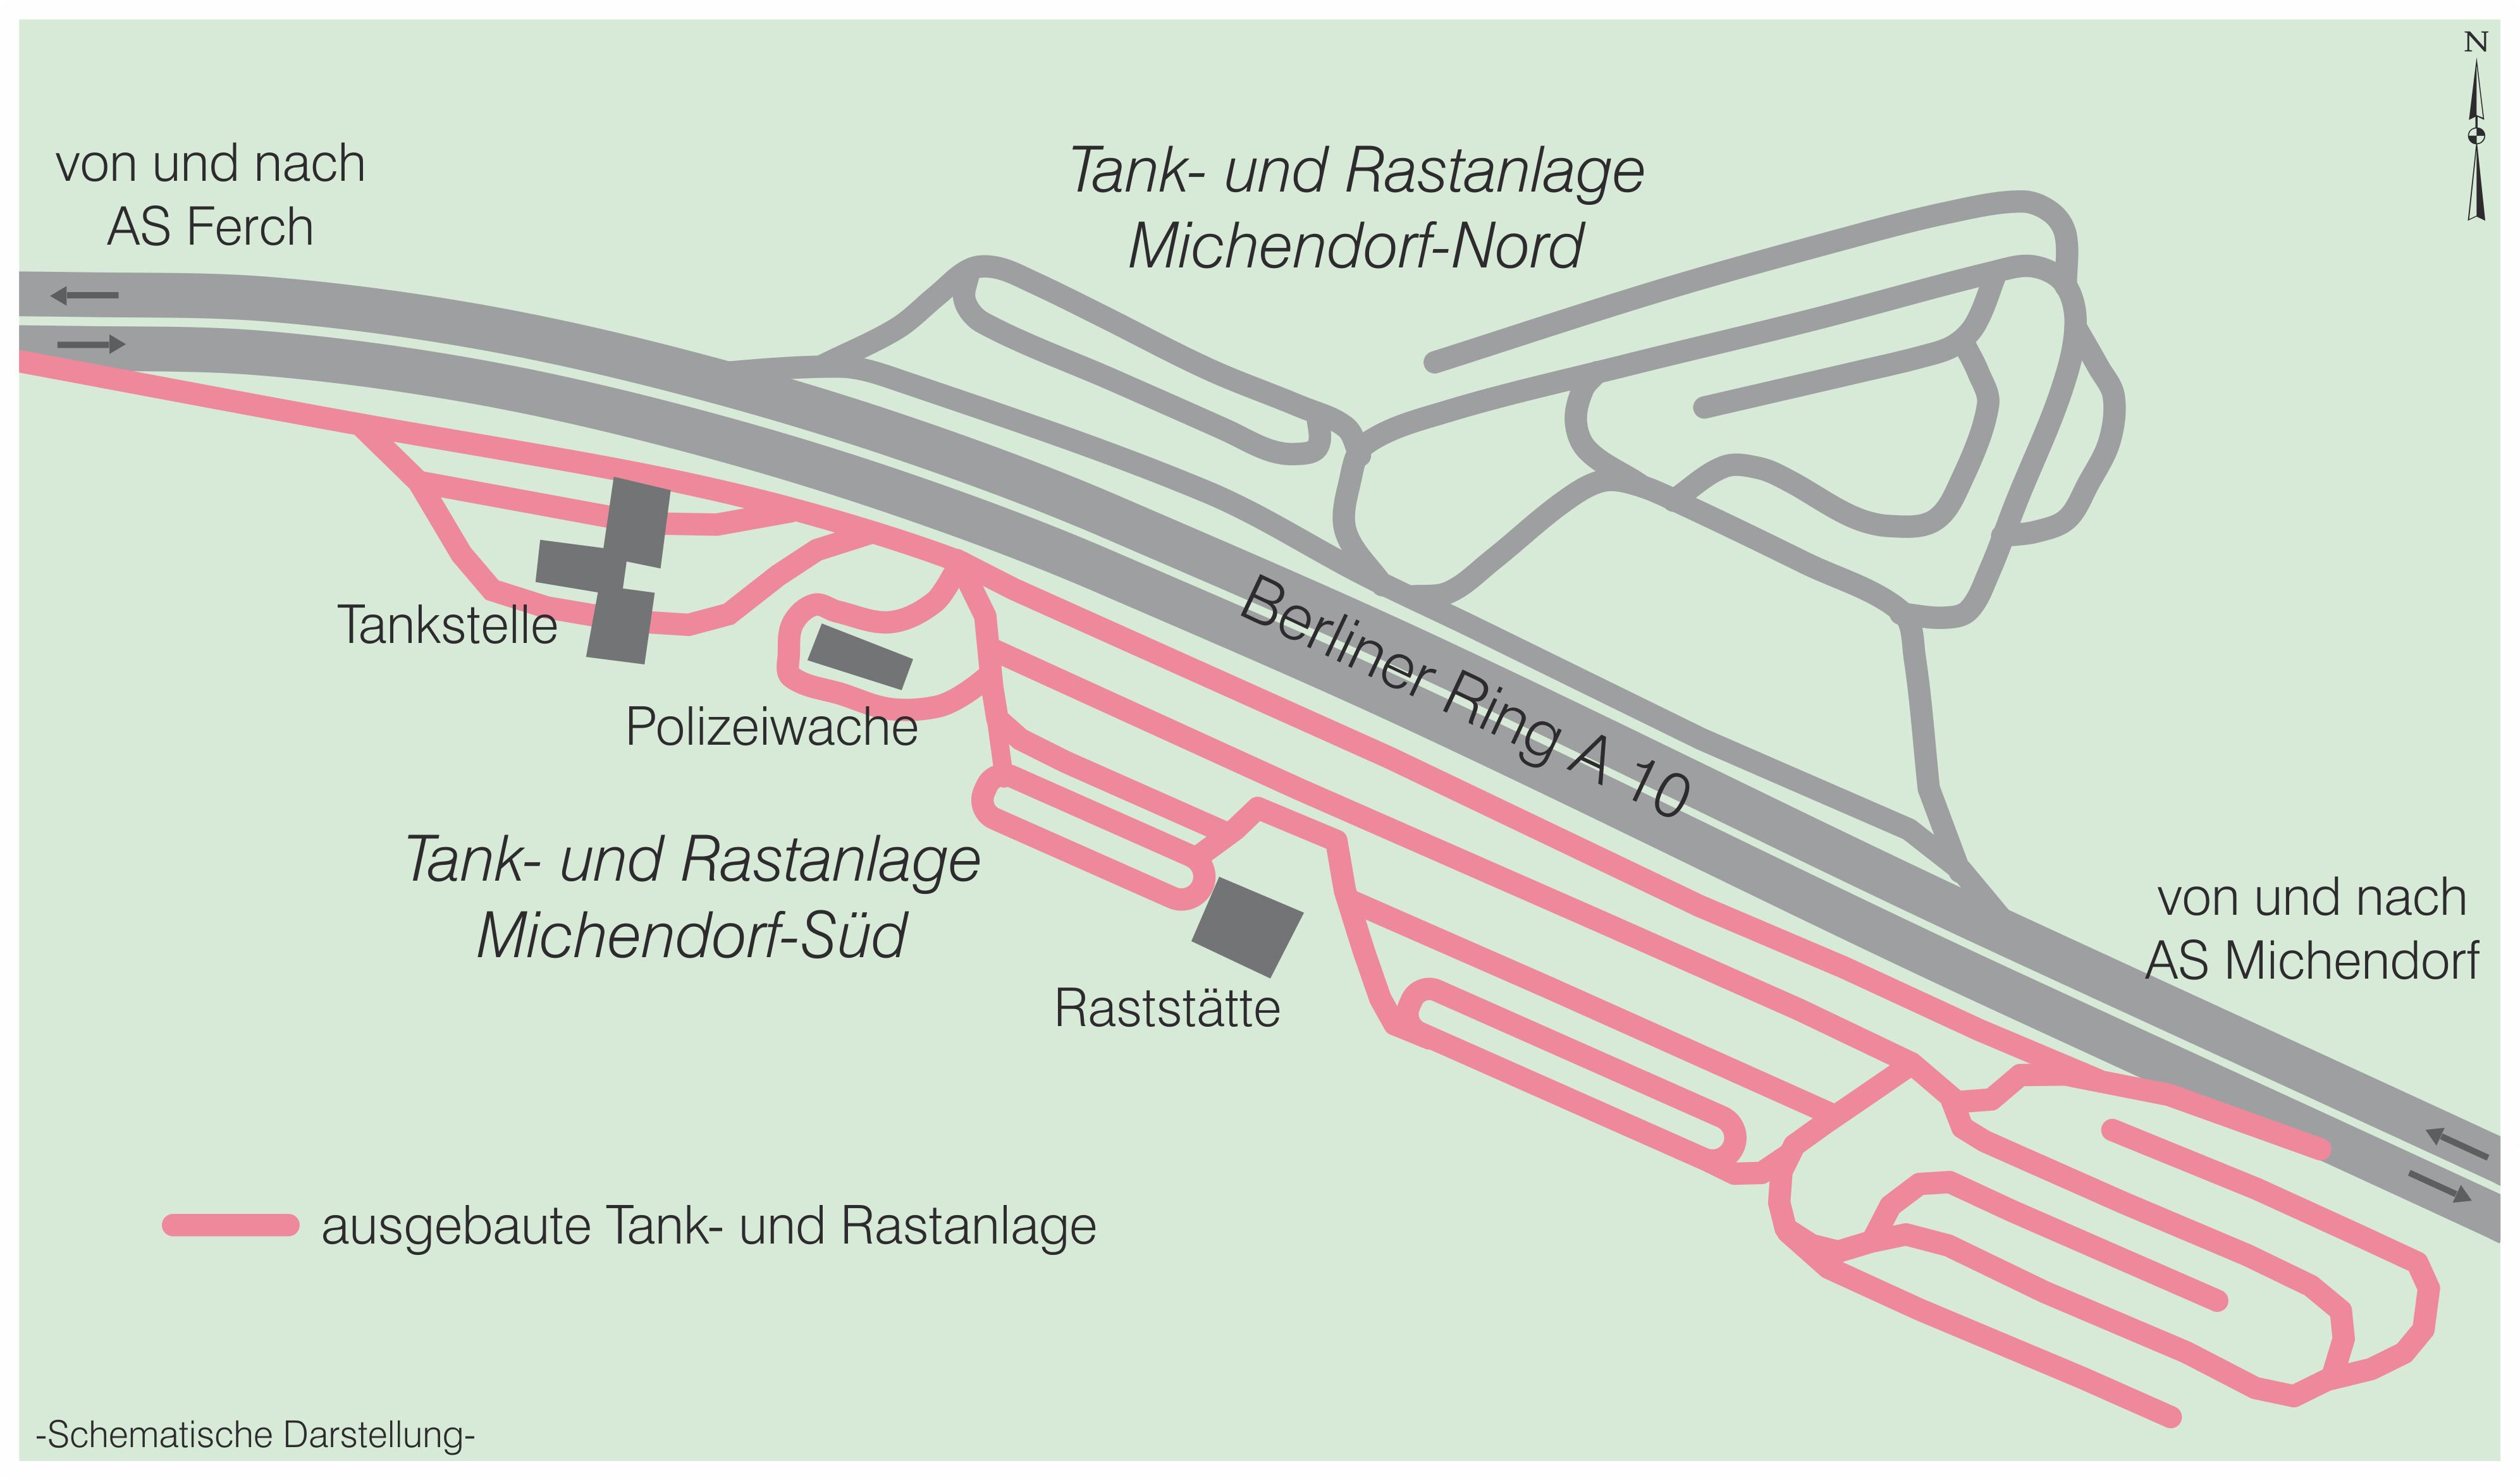 Tank und Rastanlage Michendort A 10 neu